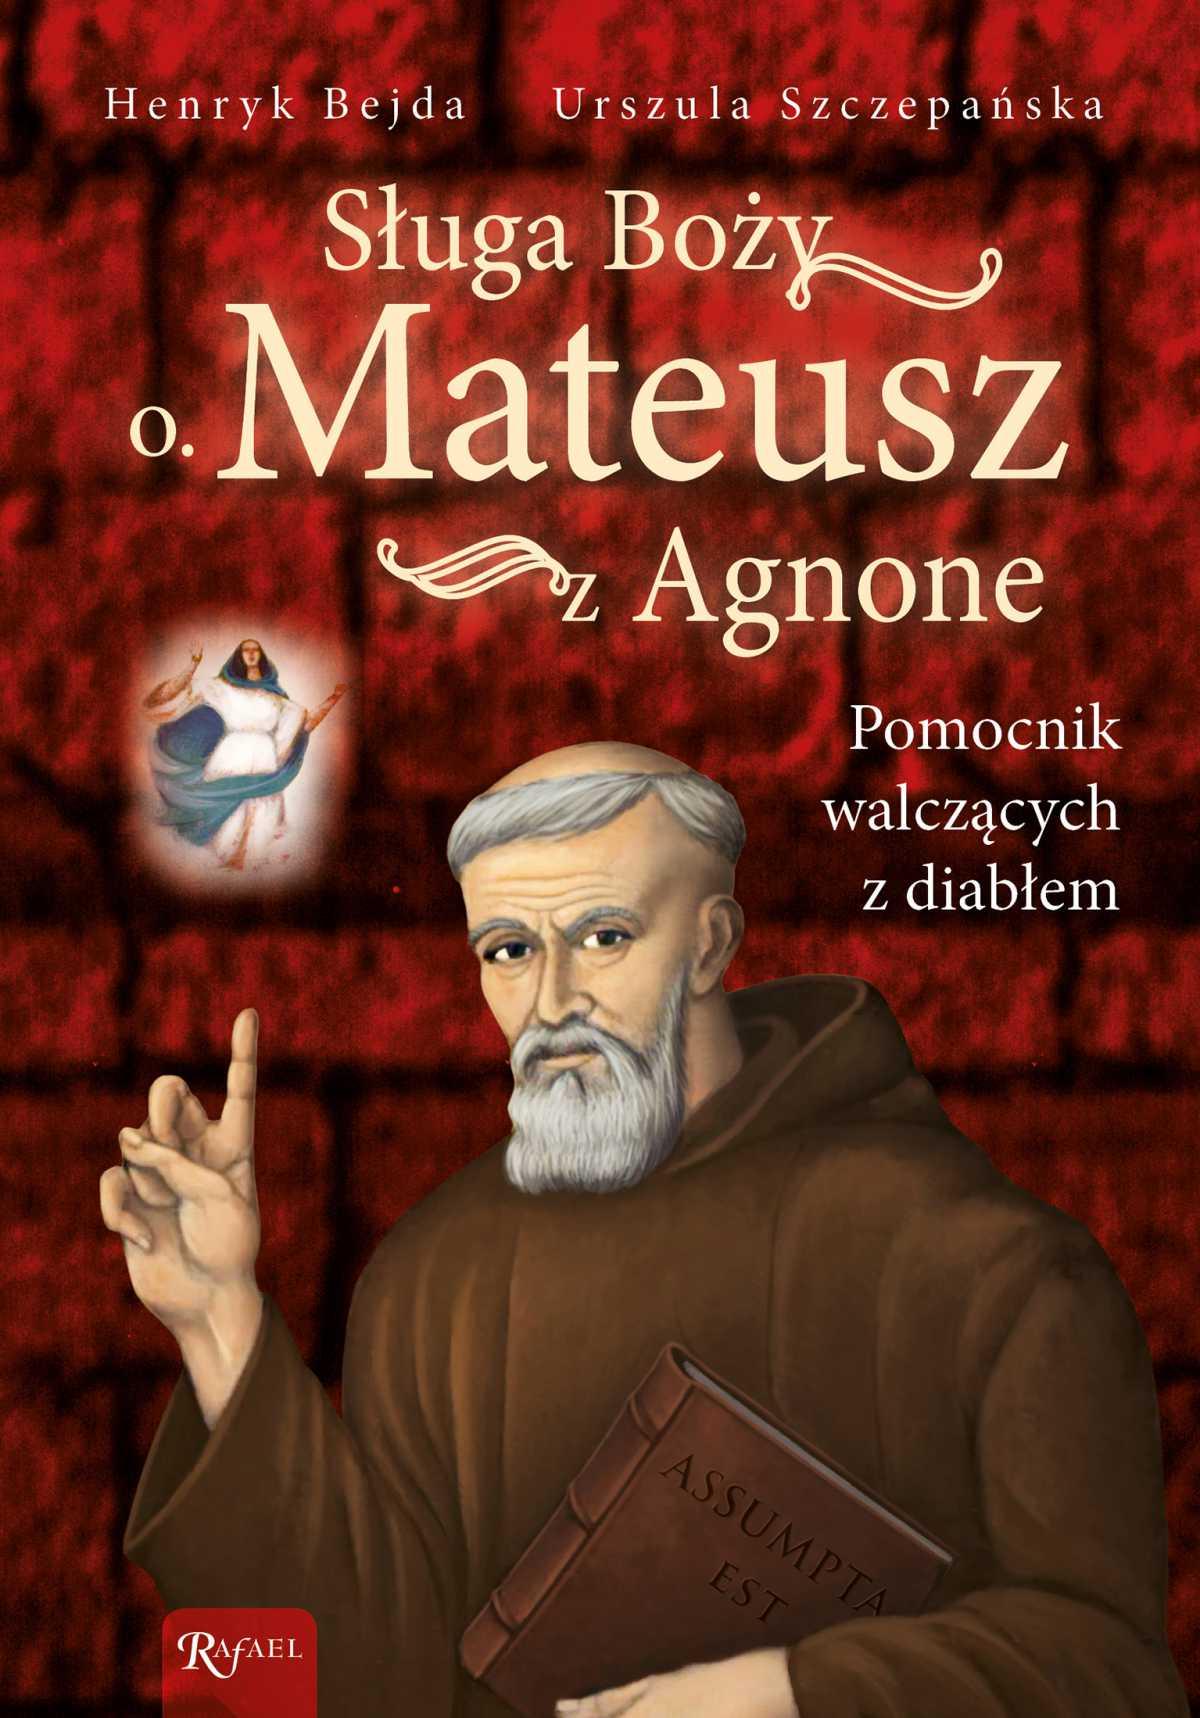 Sługa Boży o. Mateusz z Agnone - Ebook (Książka PDF) do pobrania w formacie PDF